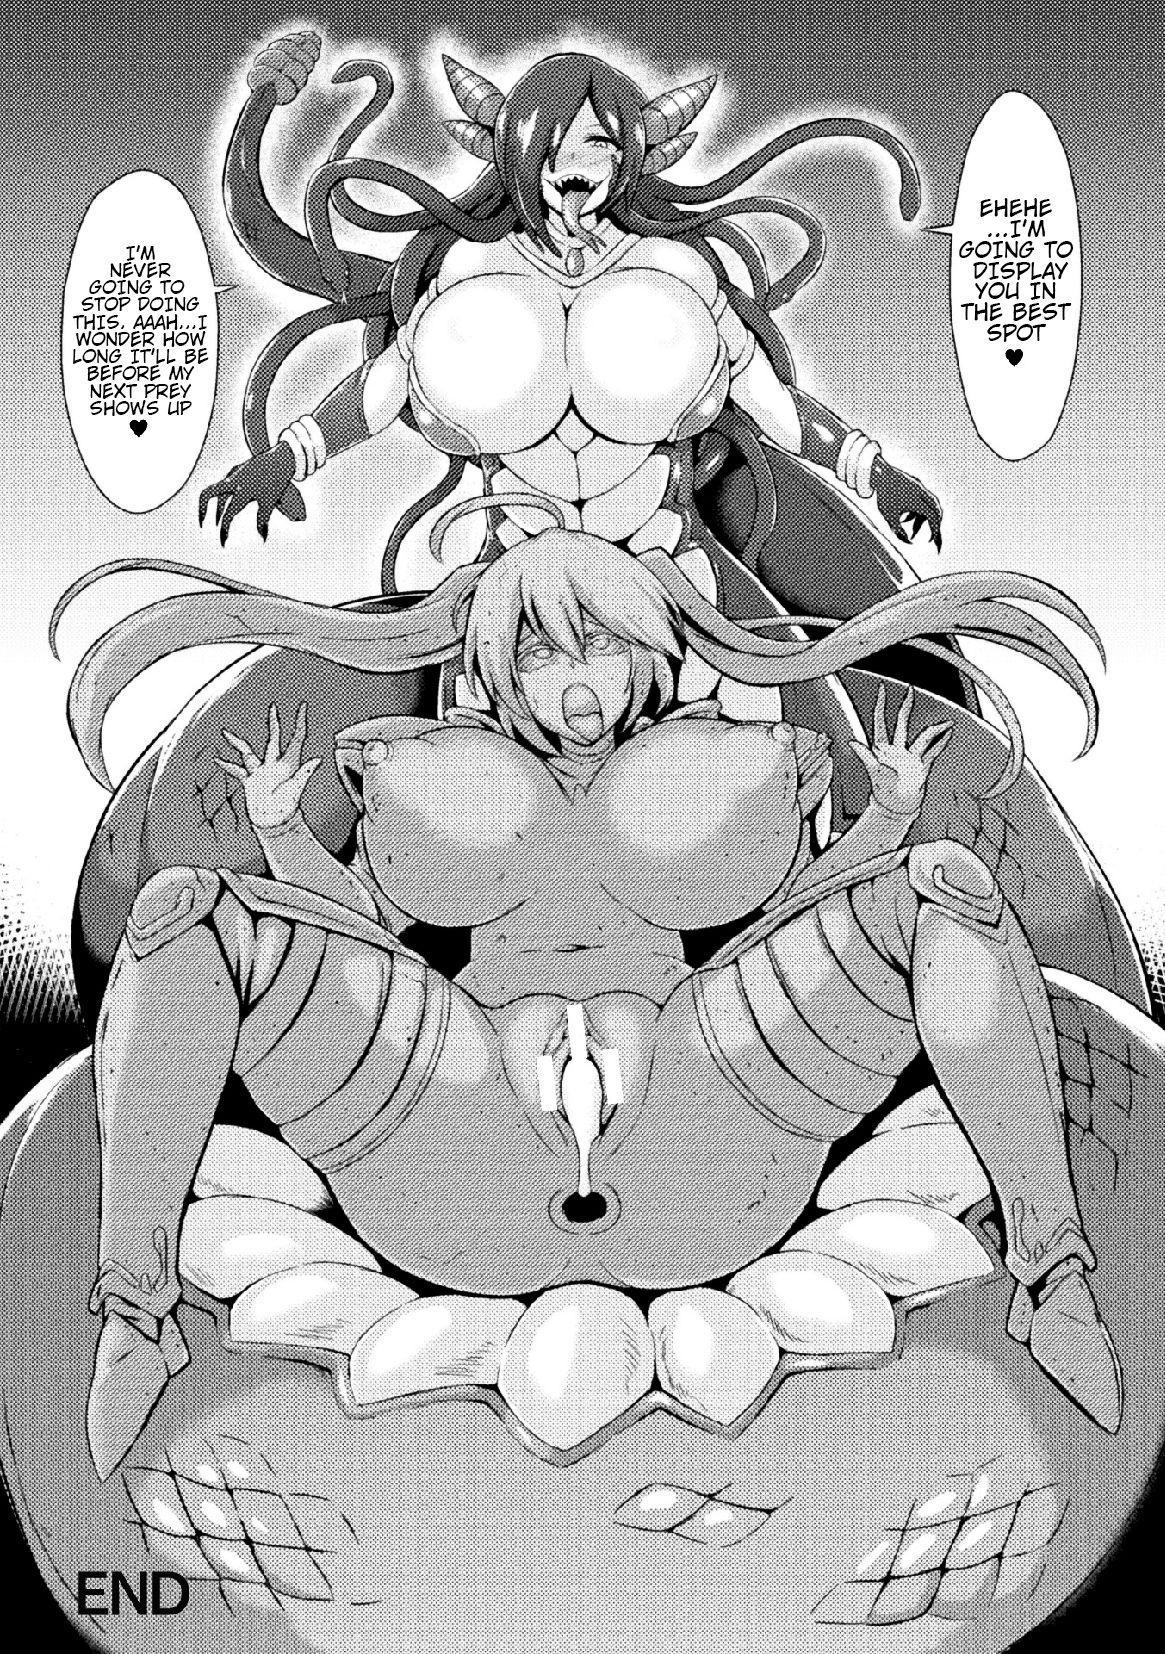 Medusa no Shinjitsu 21